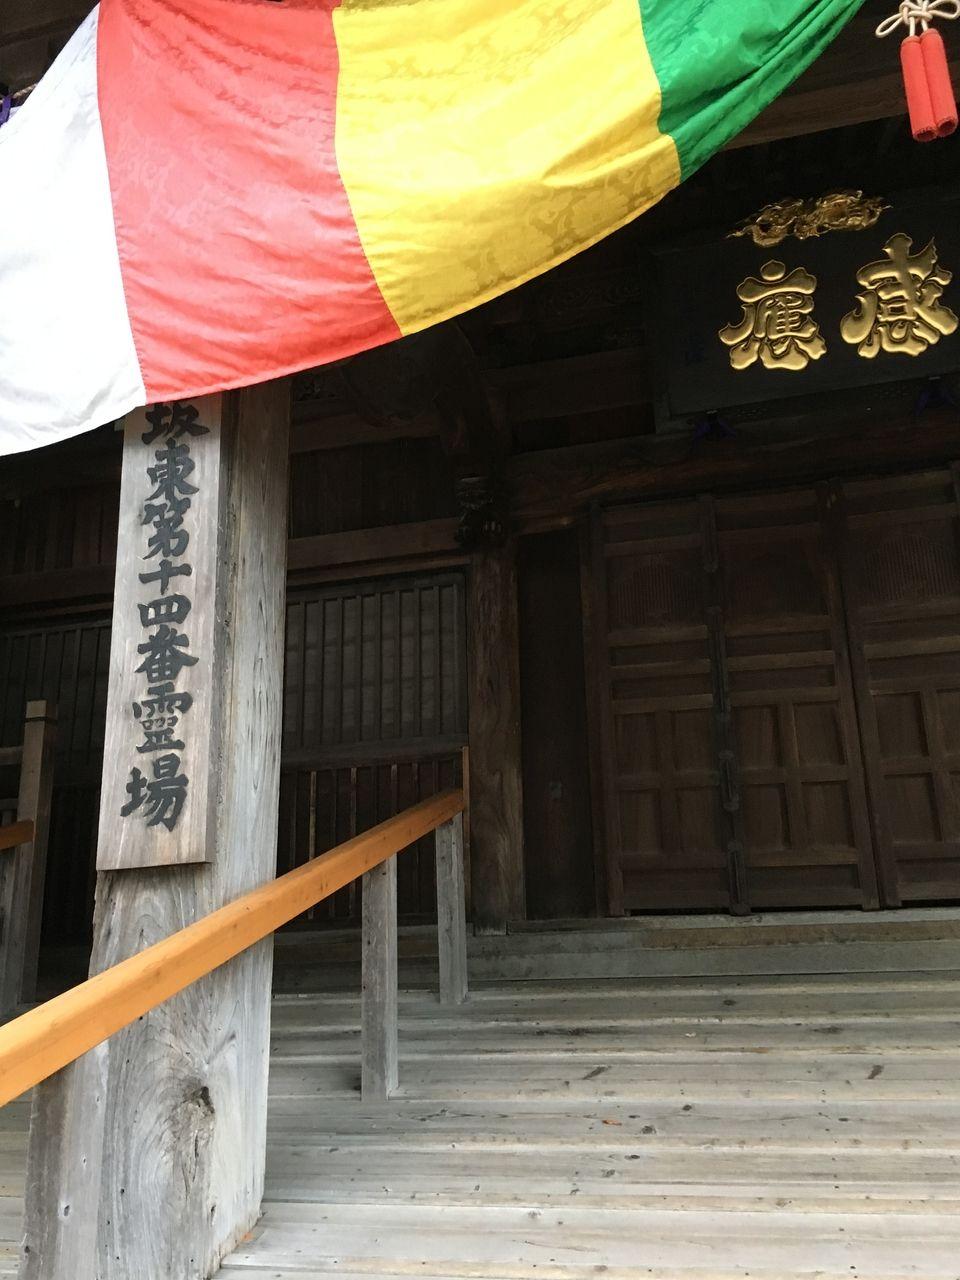 感応の文字が際立つ弘明寺本殿